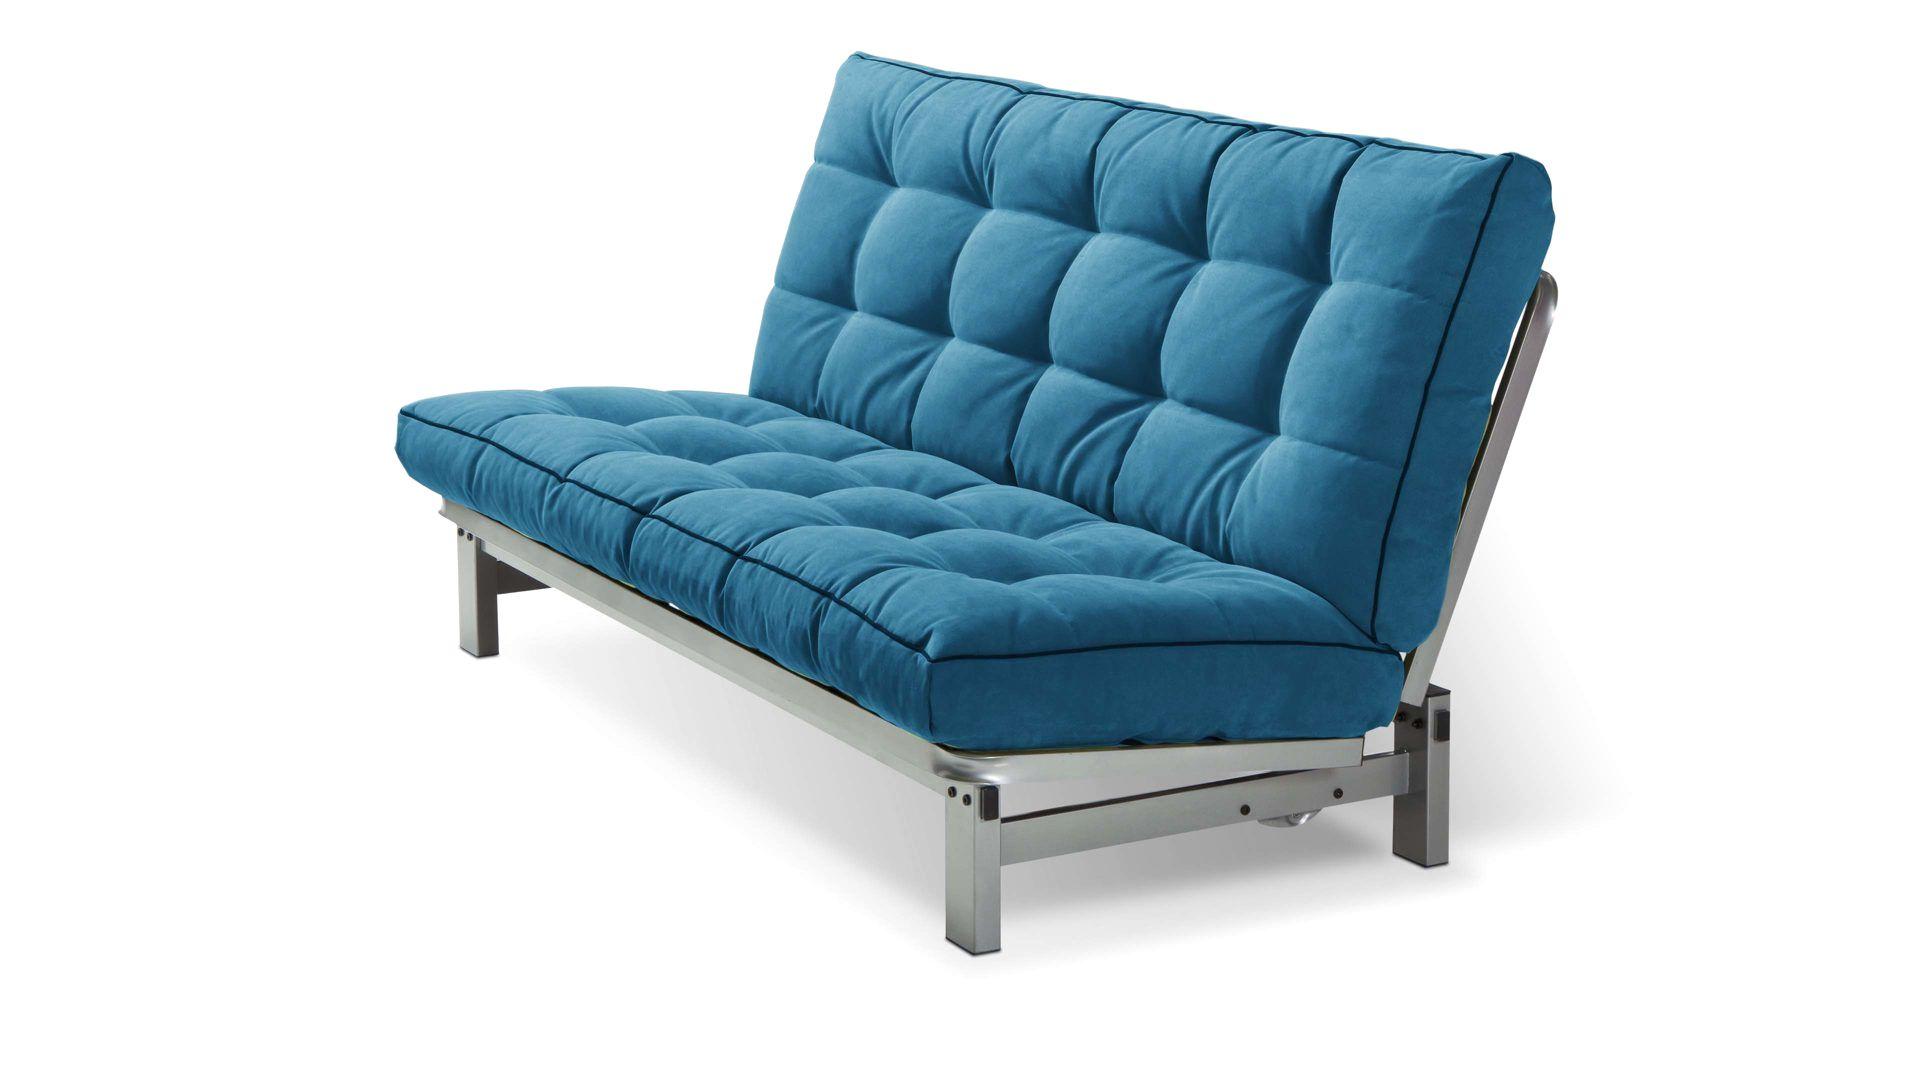 Full Size of Jugendzimmer Couch Sofa Summit Von Casamania Bild 39 Schaner Spannbezug Benz Copperfield Home Affaire Big Hay Mags Bett Mondo Mit Relaxfunktion Elektrisch Xxl Sofa Sofa Jugendzimmer